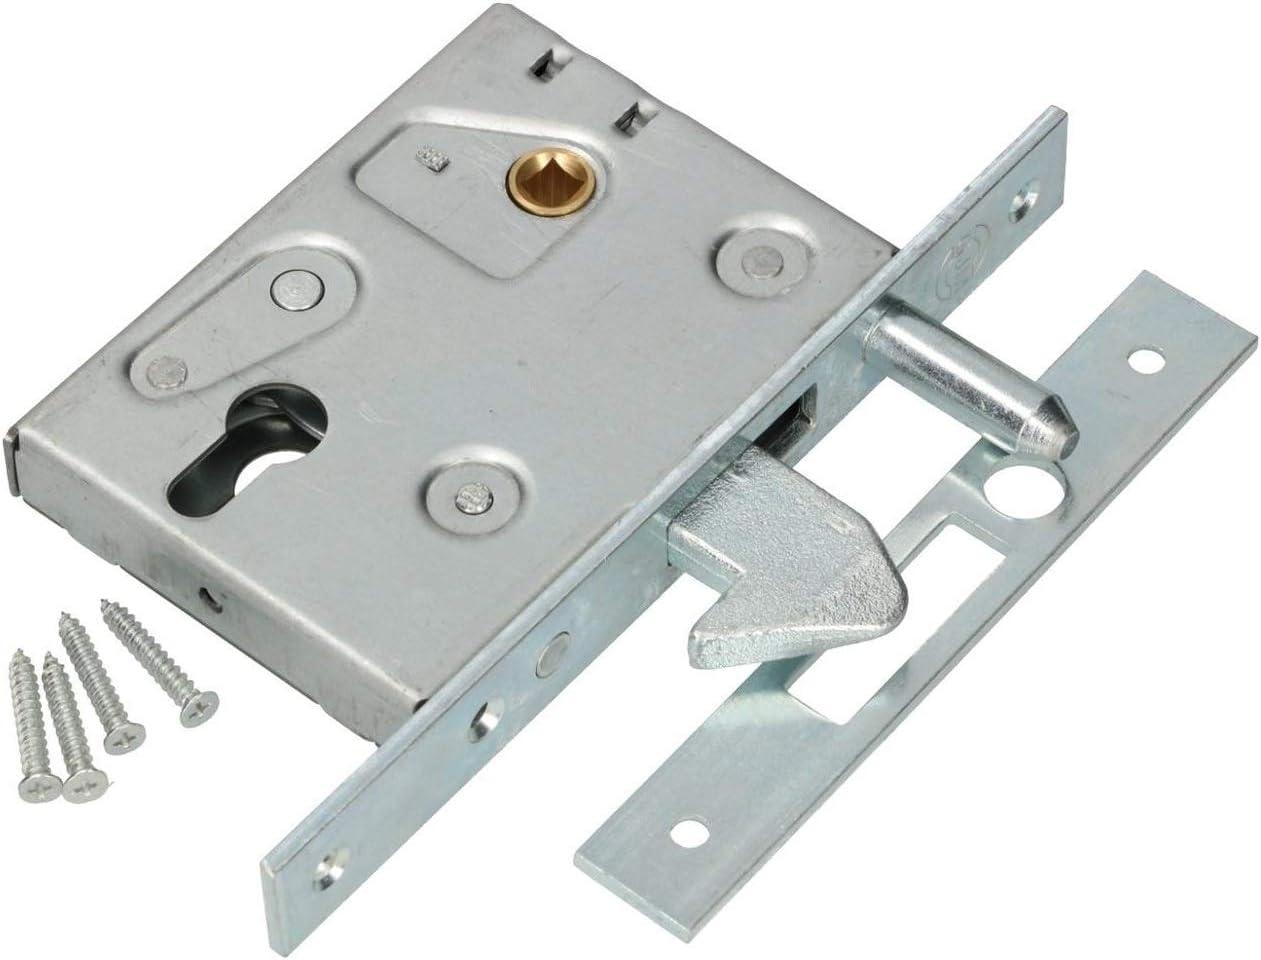 KOTARBAU® Cerradura de gancho para puerta corredera F-60, mandril guía para puerta corredera, cerradura de gancho de acero galvanizado resistente a la corrosión, placa de cierre para puerta de entrada